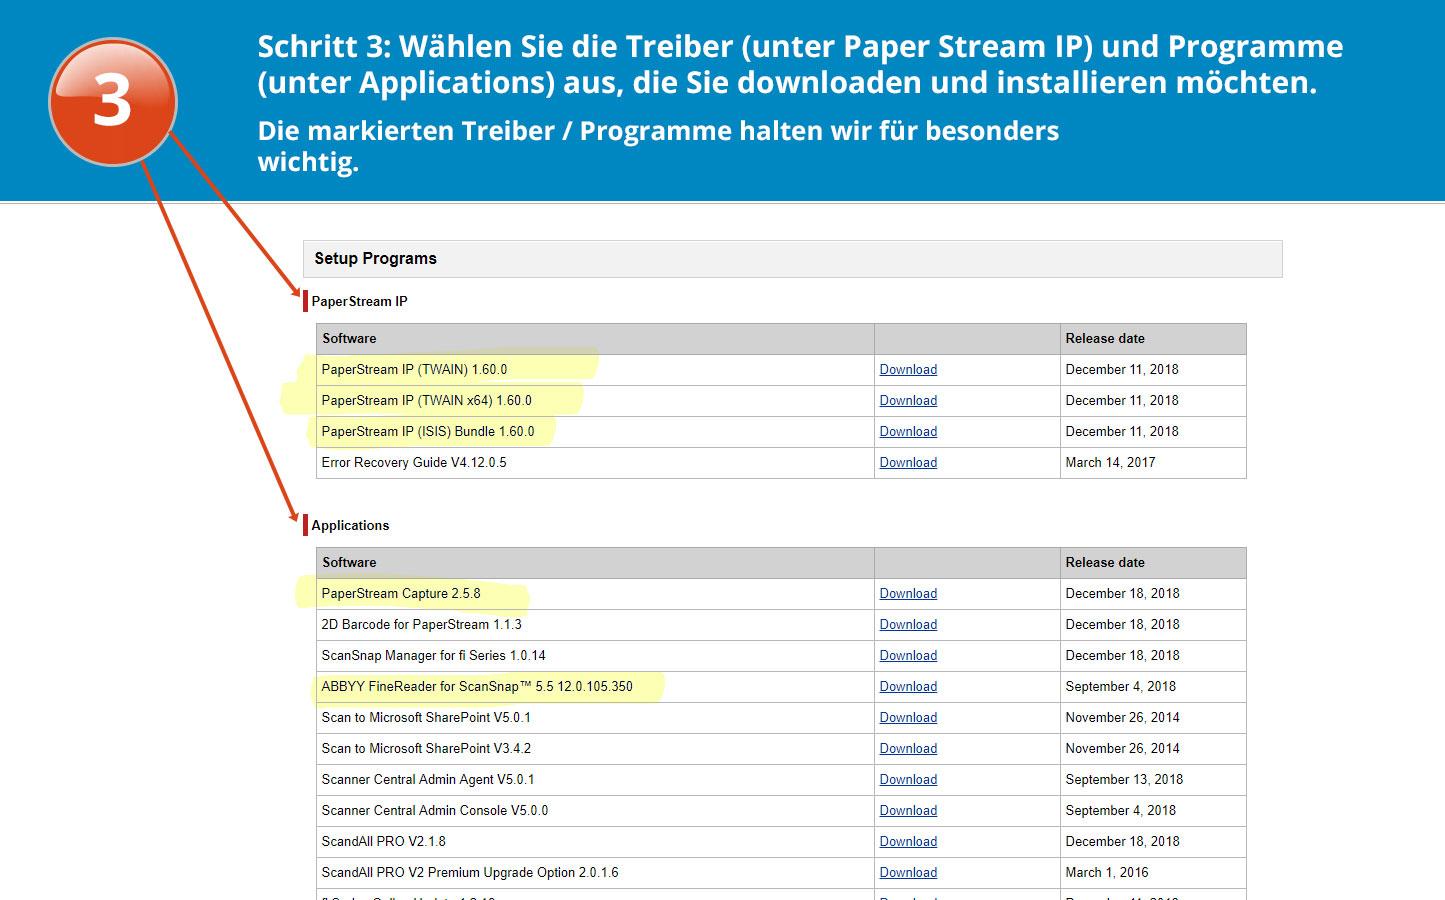 Software download für den fi-7600 Schritt 3 Anleitung